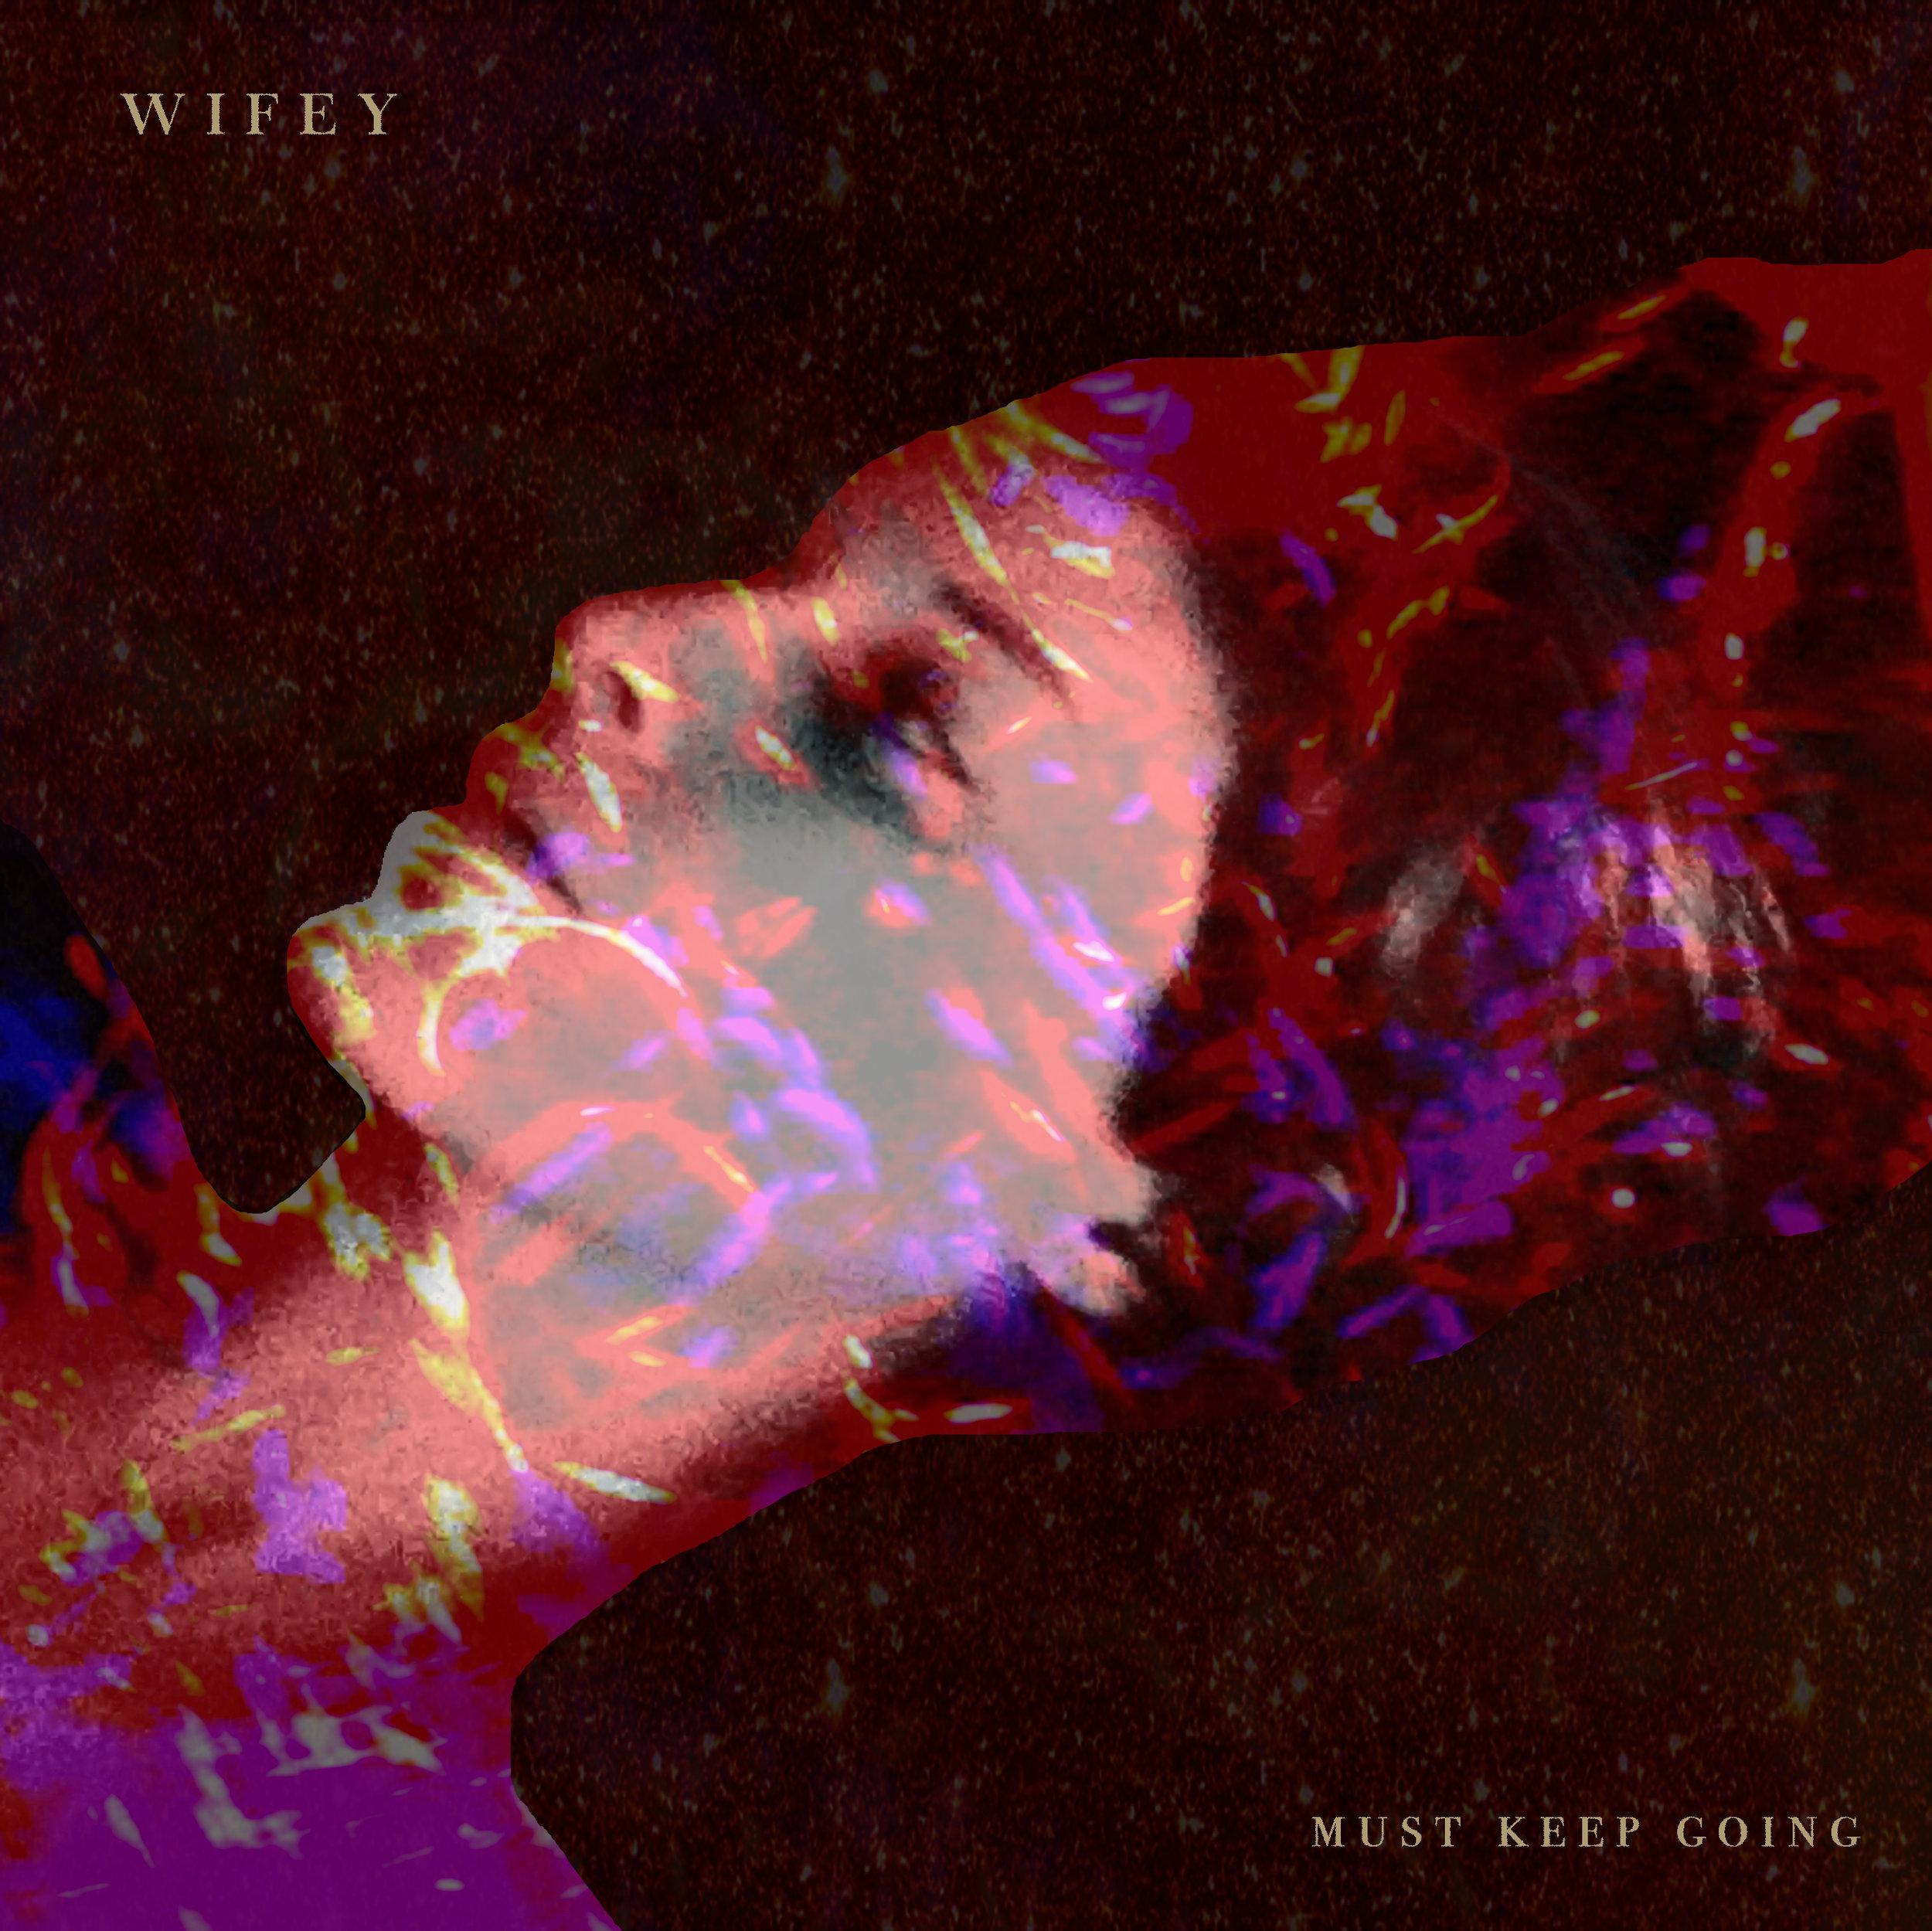 WIFEY COVER Vanessa BW 28 ZZZzzXxxZz.jpg